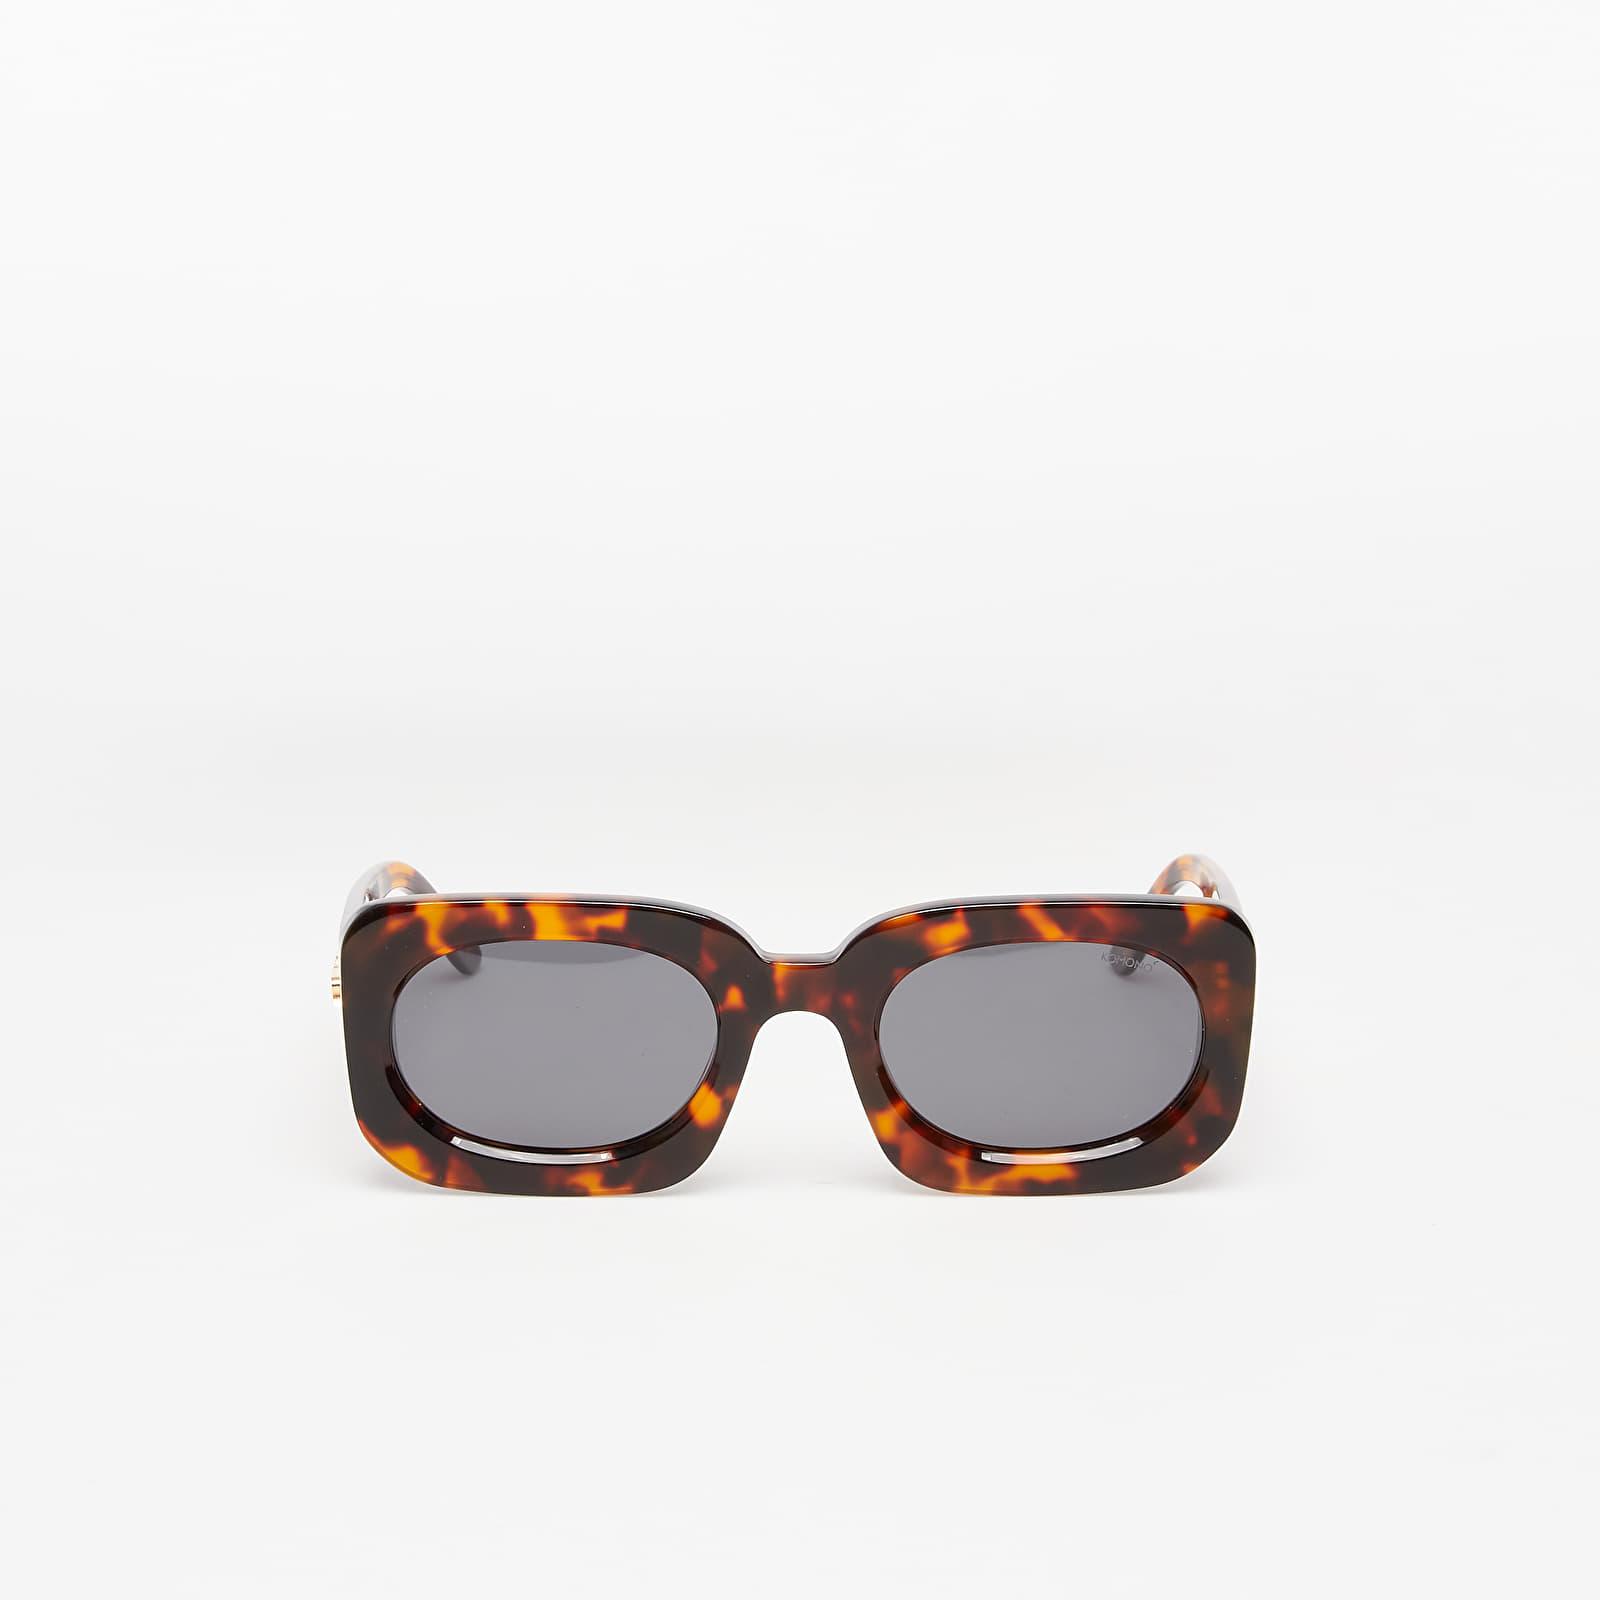 Napszemüvegek KOMONO x Daily Paper Kenyatta Glasses Tortoise